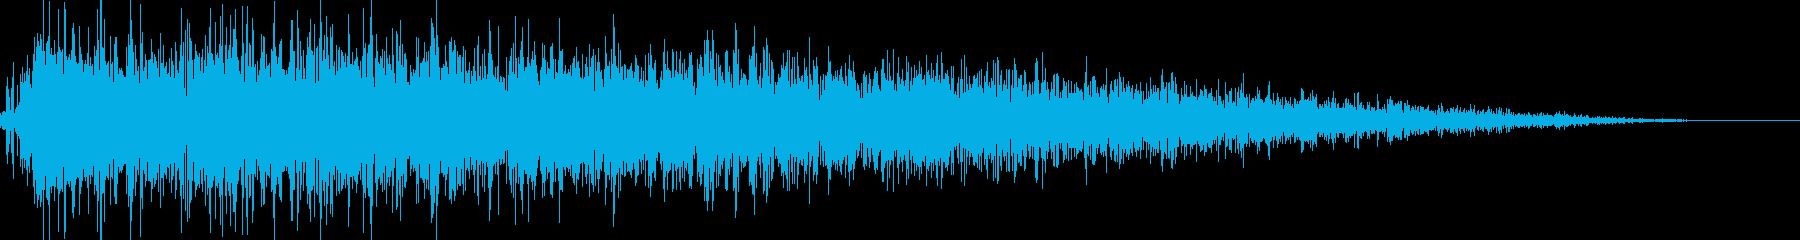 ロボット足音 タイプ10の再生済みの波形